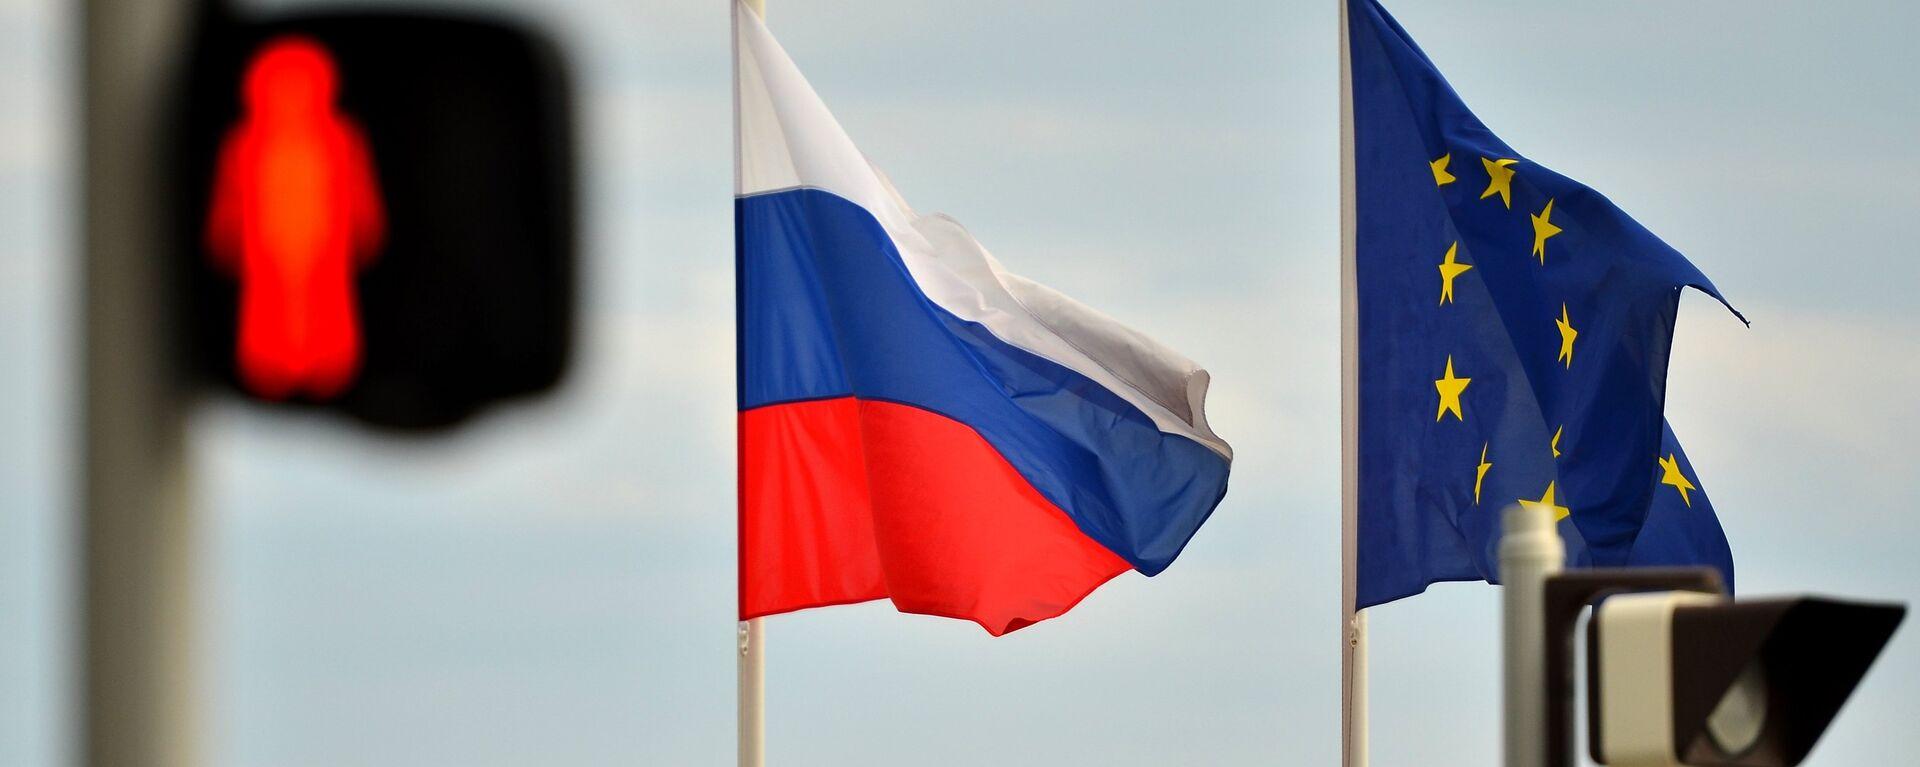 Banderas de Rusia y la UE - Sputnik Mundo, 1920, 08.04.2021